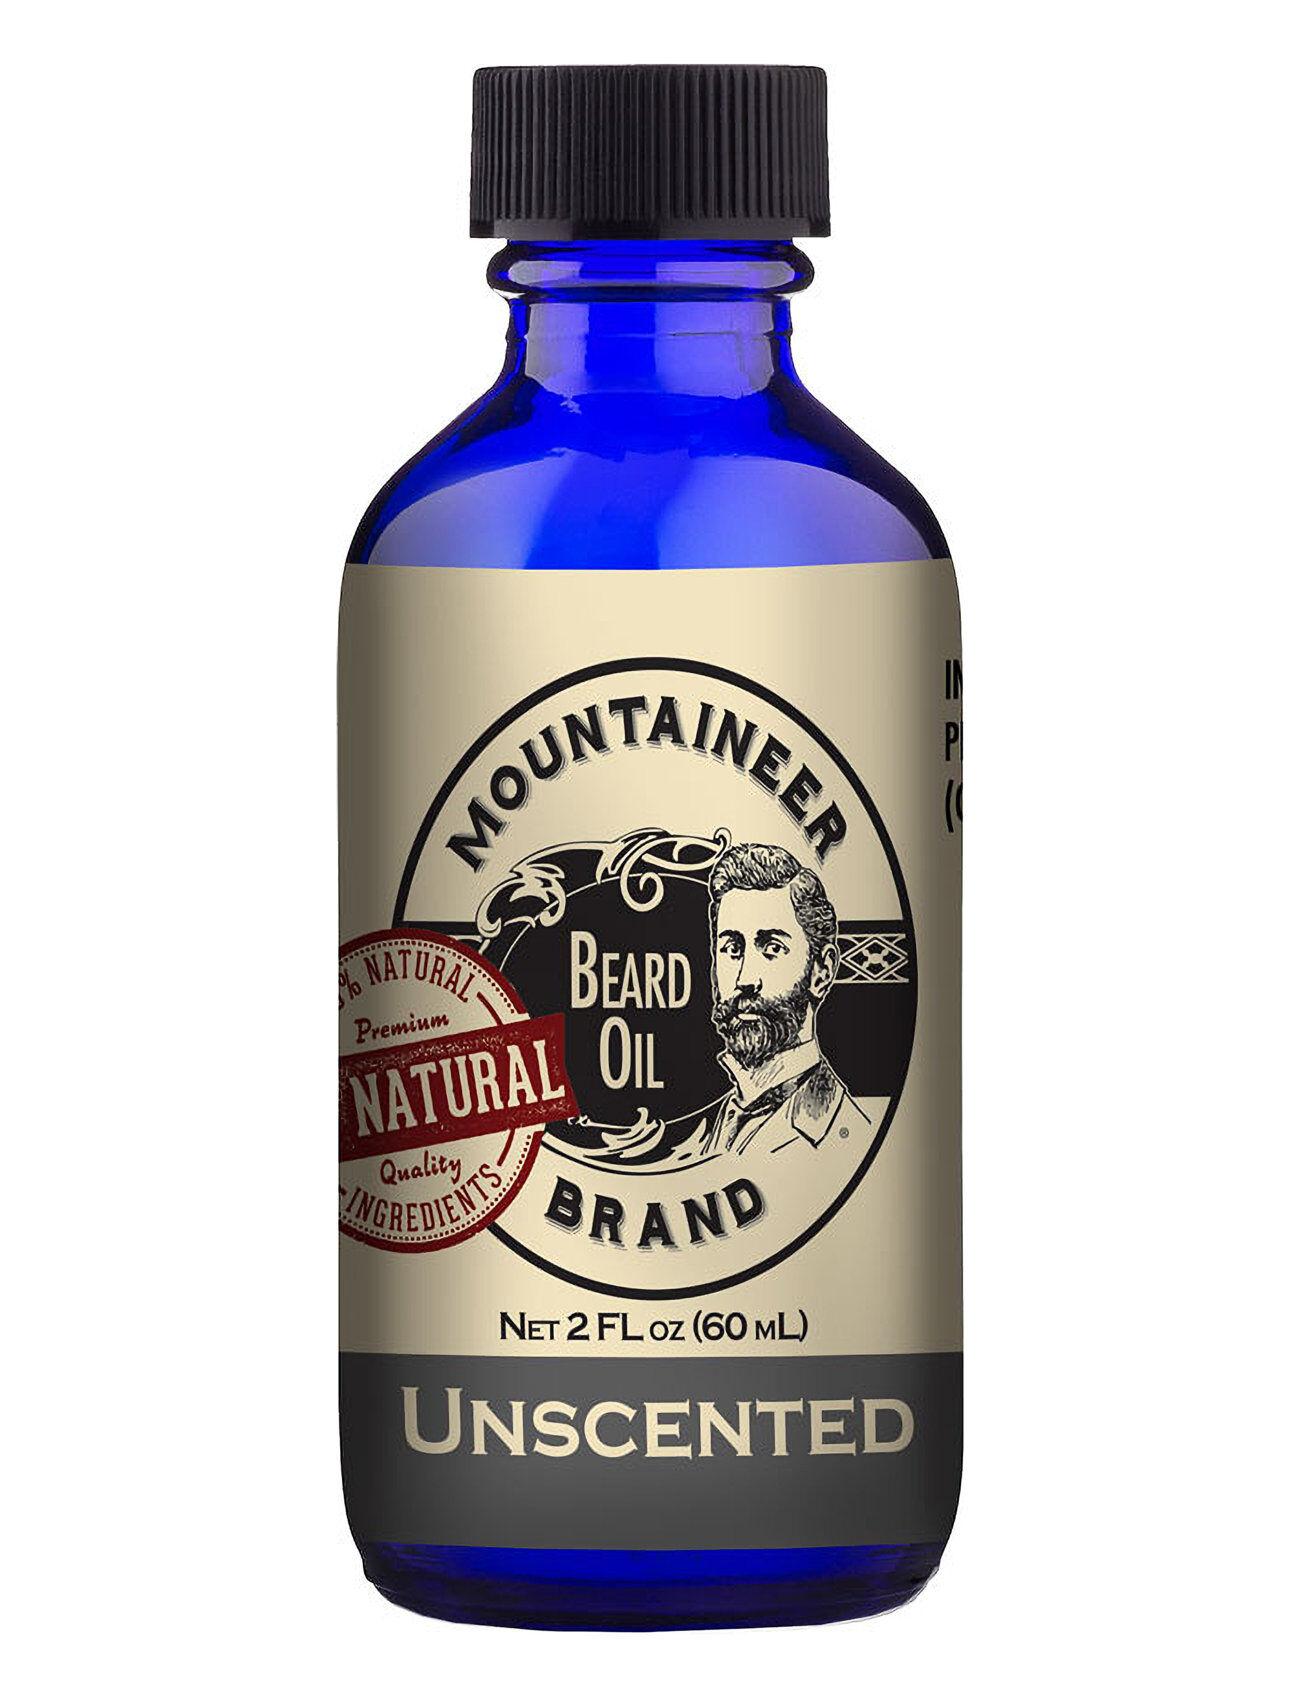 Mountaineer Brand Barefoot Beard Oil Shaving Products Beard Oil Nude Mountaineer Brand